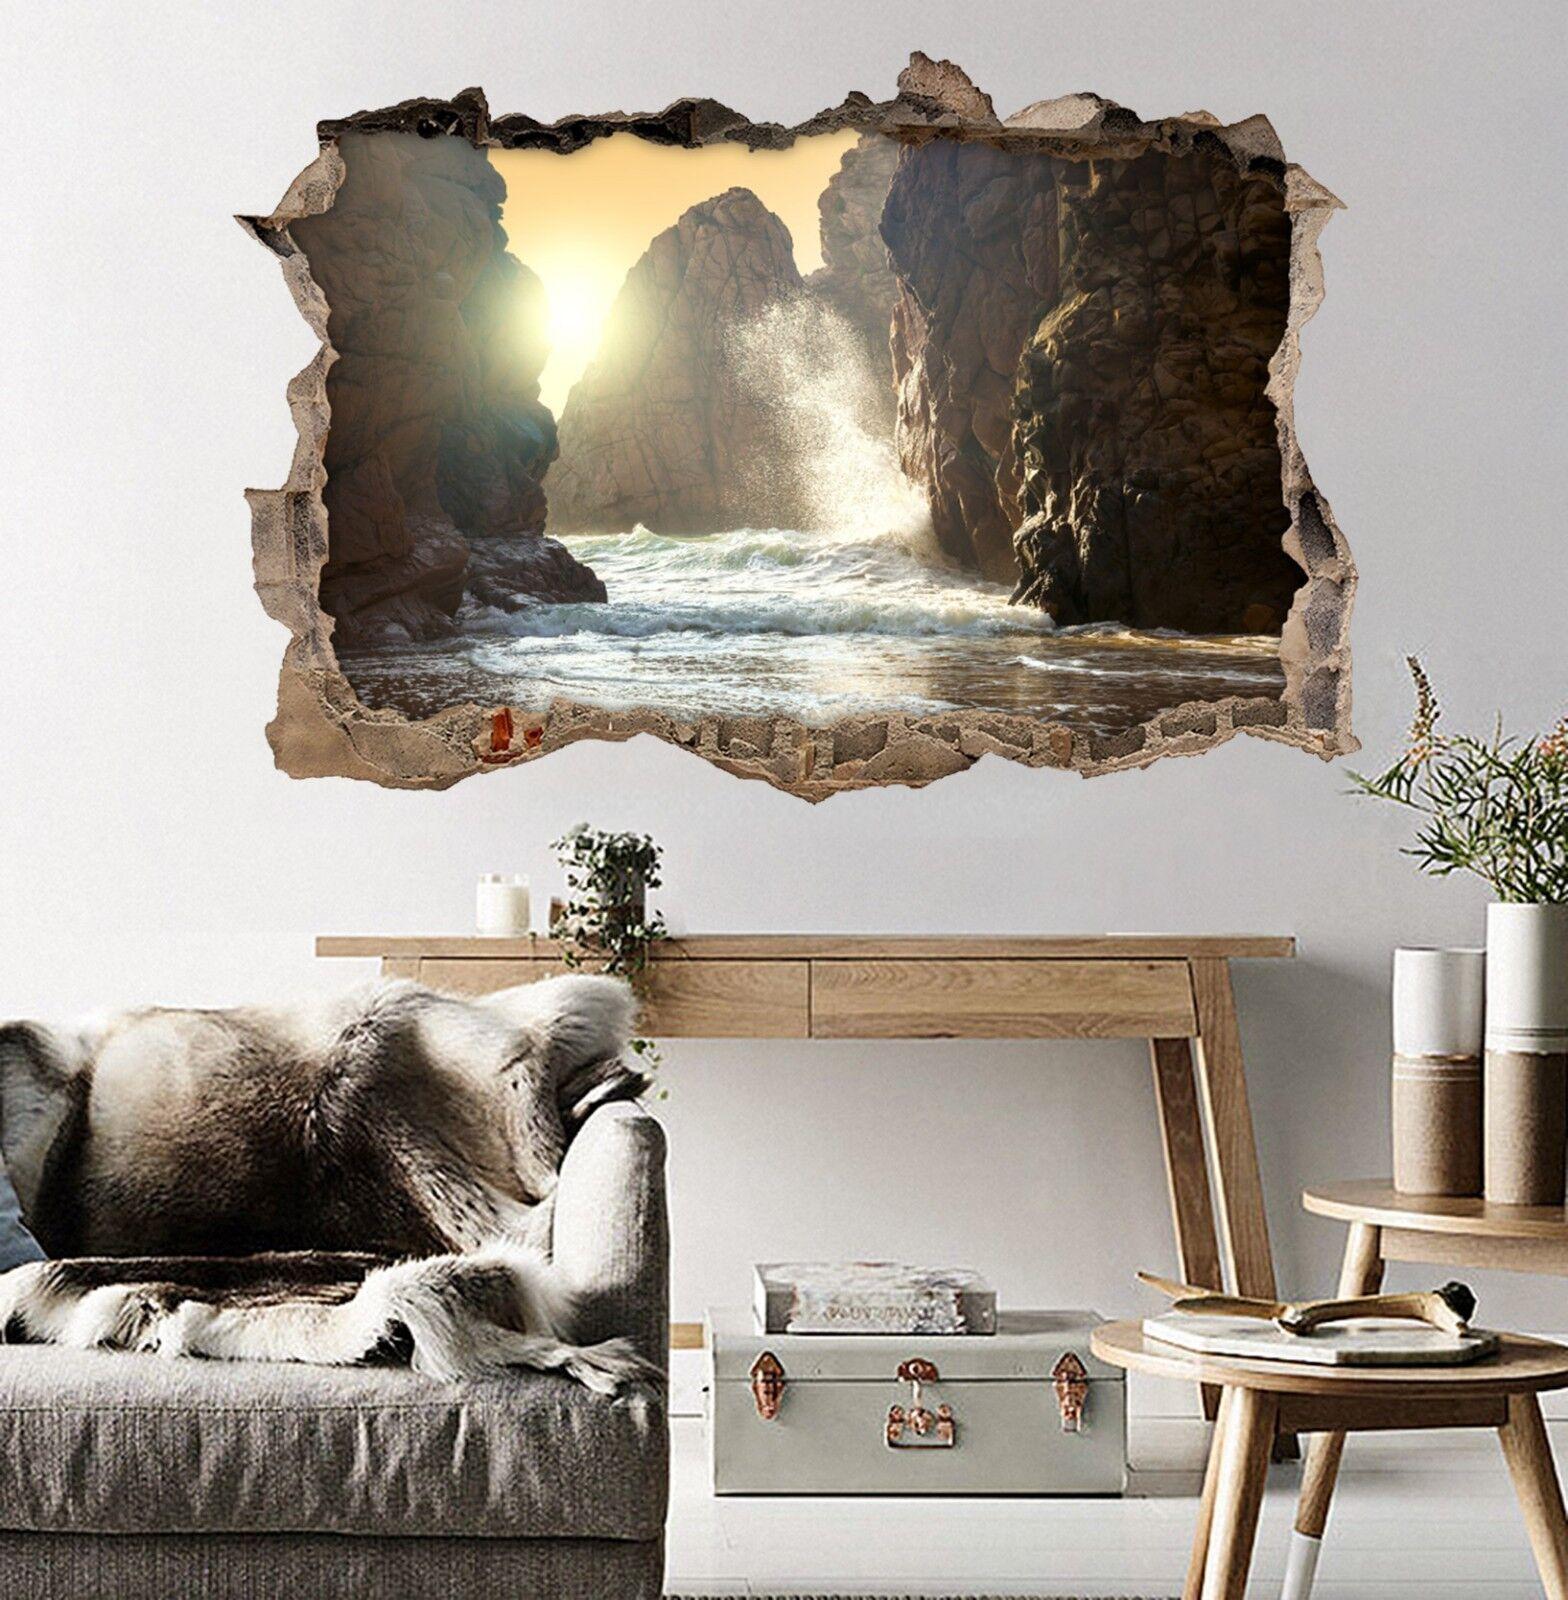 3D Meer Berge 334 Mauer Murals Mauer Aufklebe Decal Durchbruch AJ WALLPAPER DE